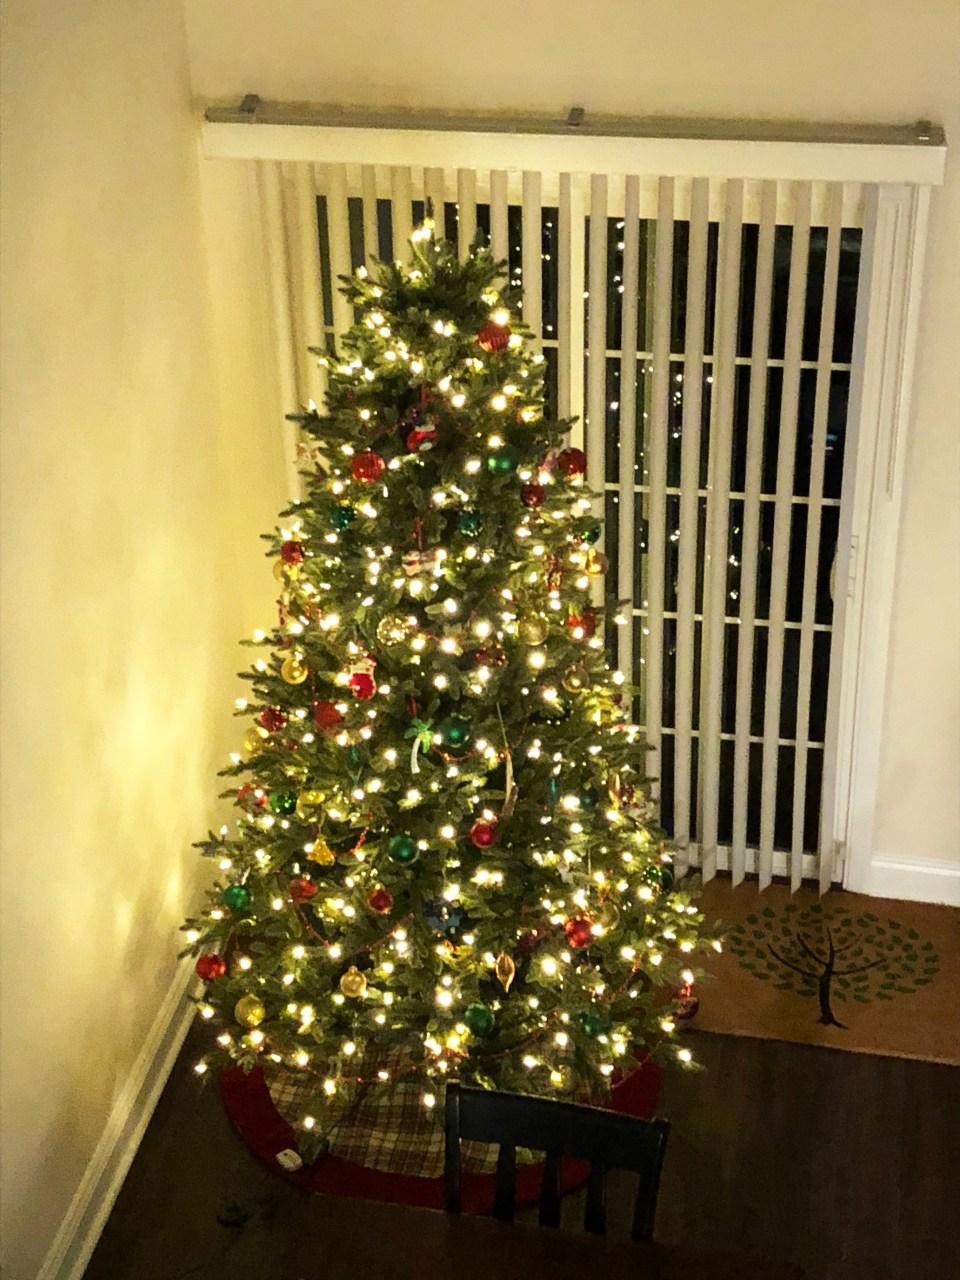 Christmas Tree - Nighttime 4